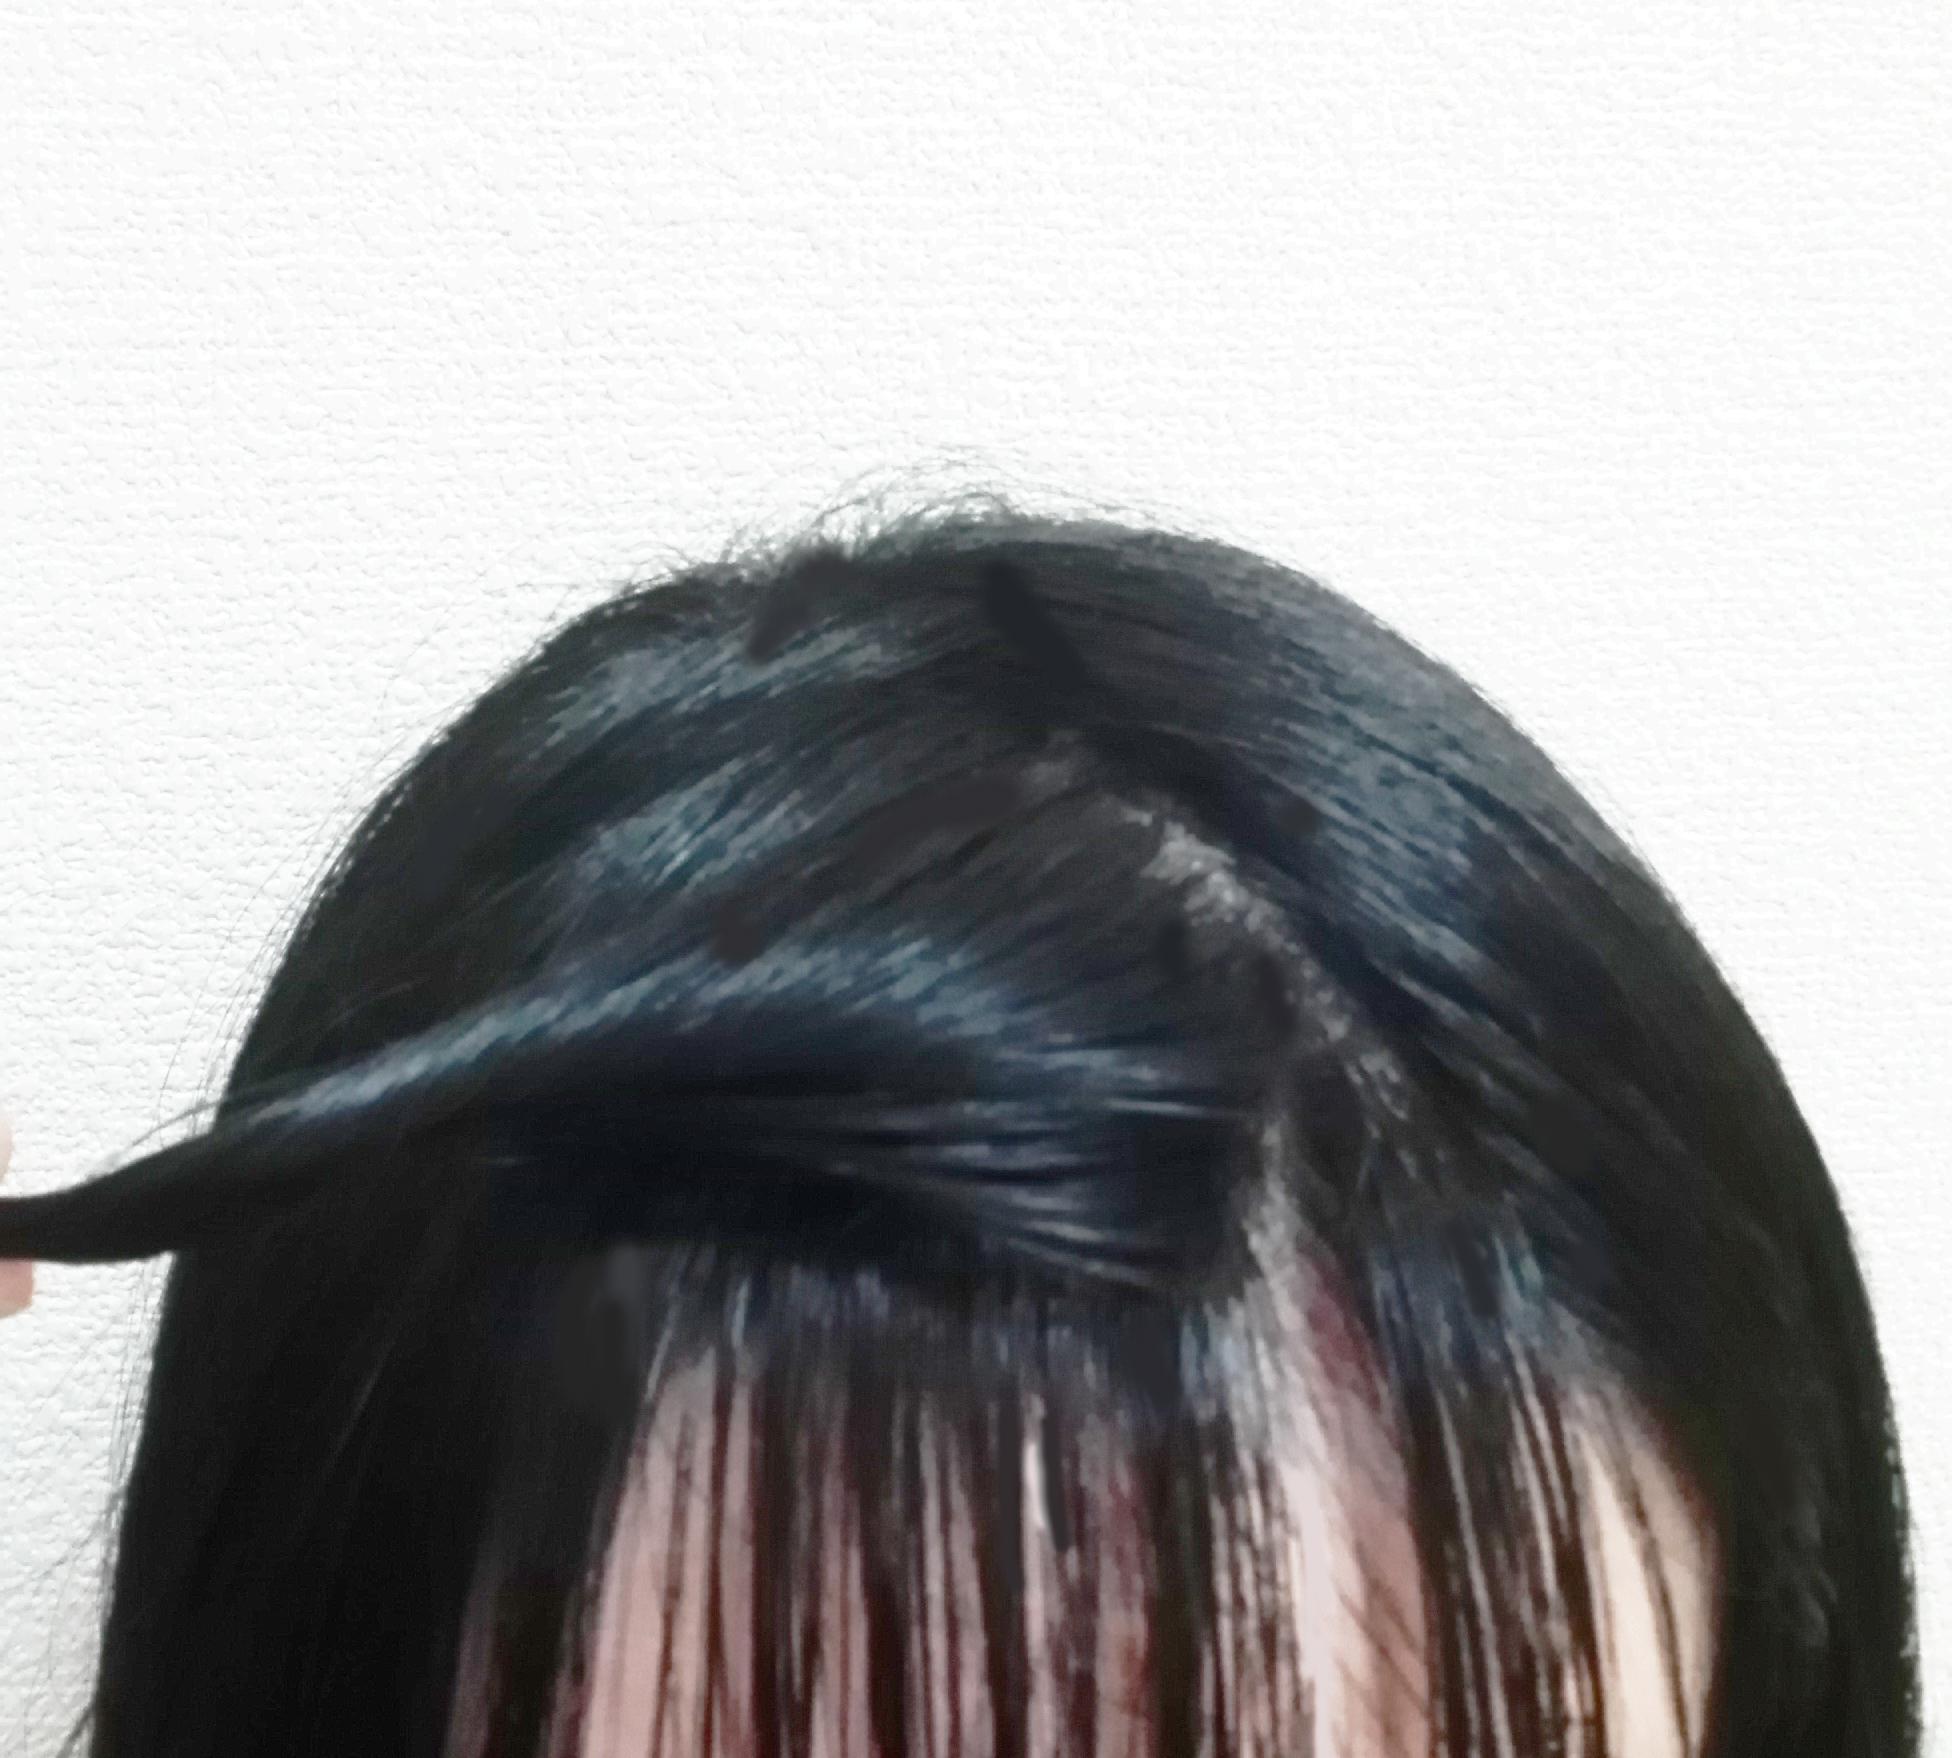 前髪の流し方・流し前髪の作り方・巻き方まとめ【長め・斜め・コテ】のサムネイル画像